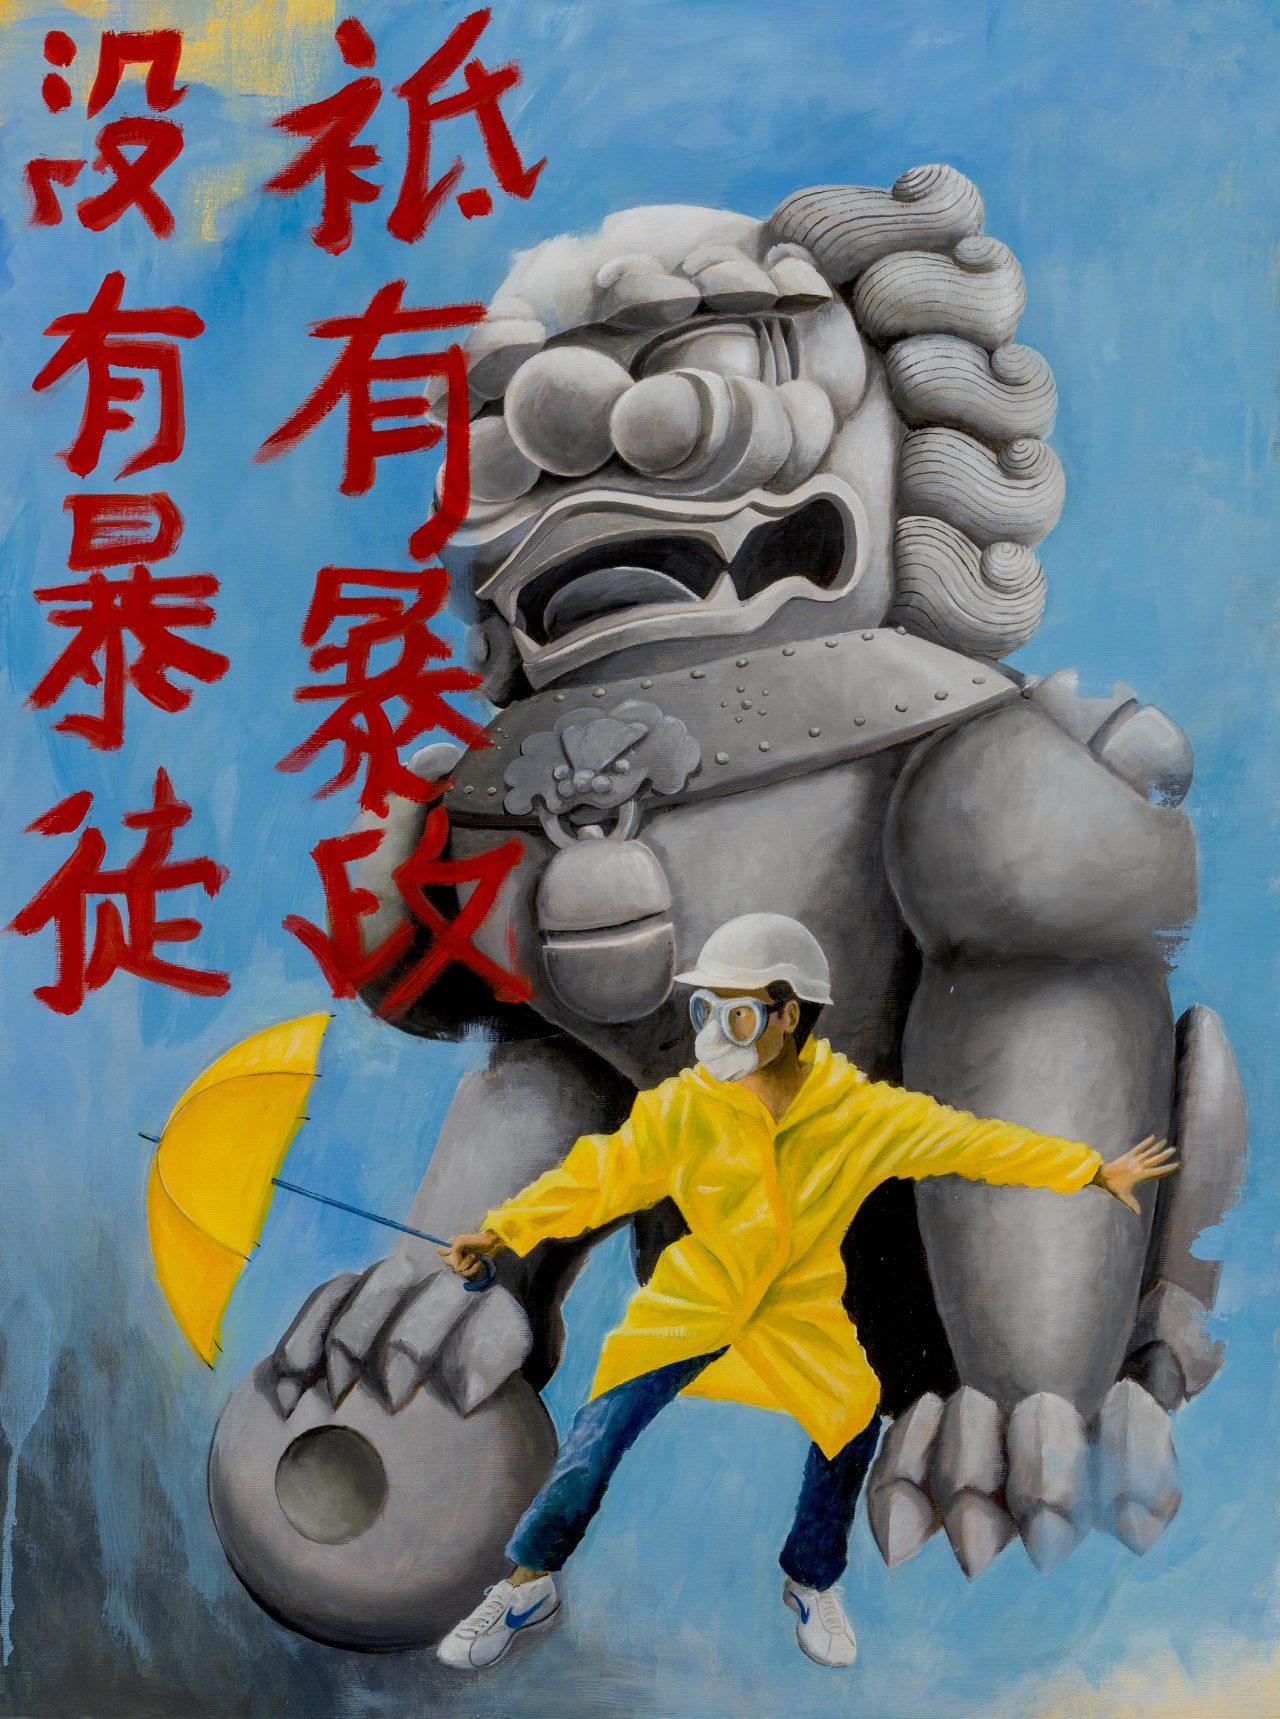 watchdog-democracy-stefano-gentile-hong-kong-art-pop-umbrella